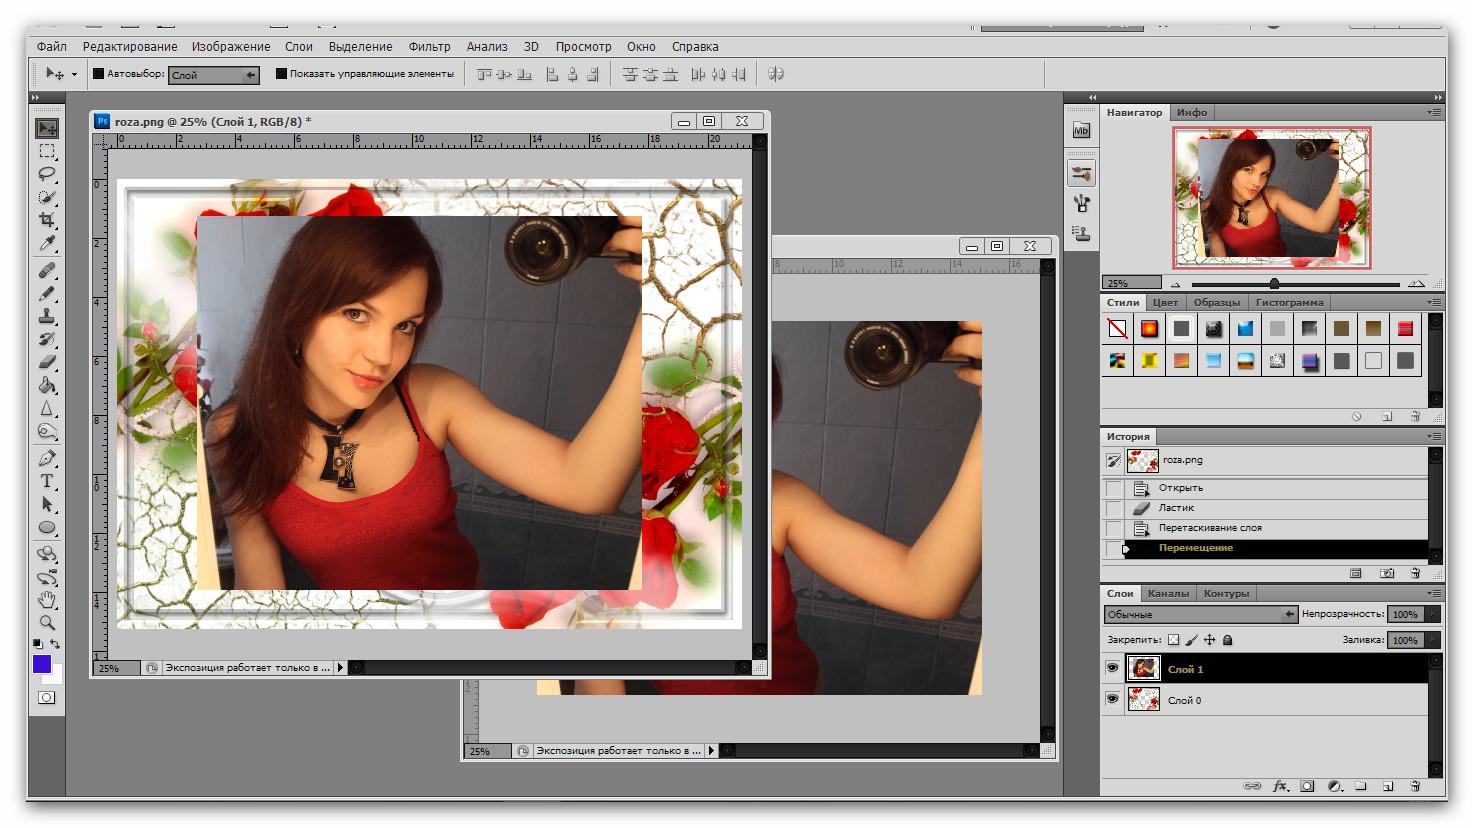 Открытки, как вставить лицо на картинку в фотошопе